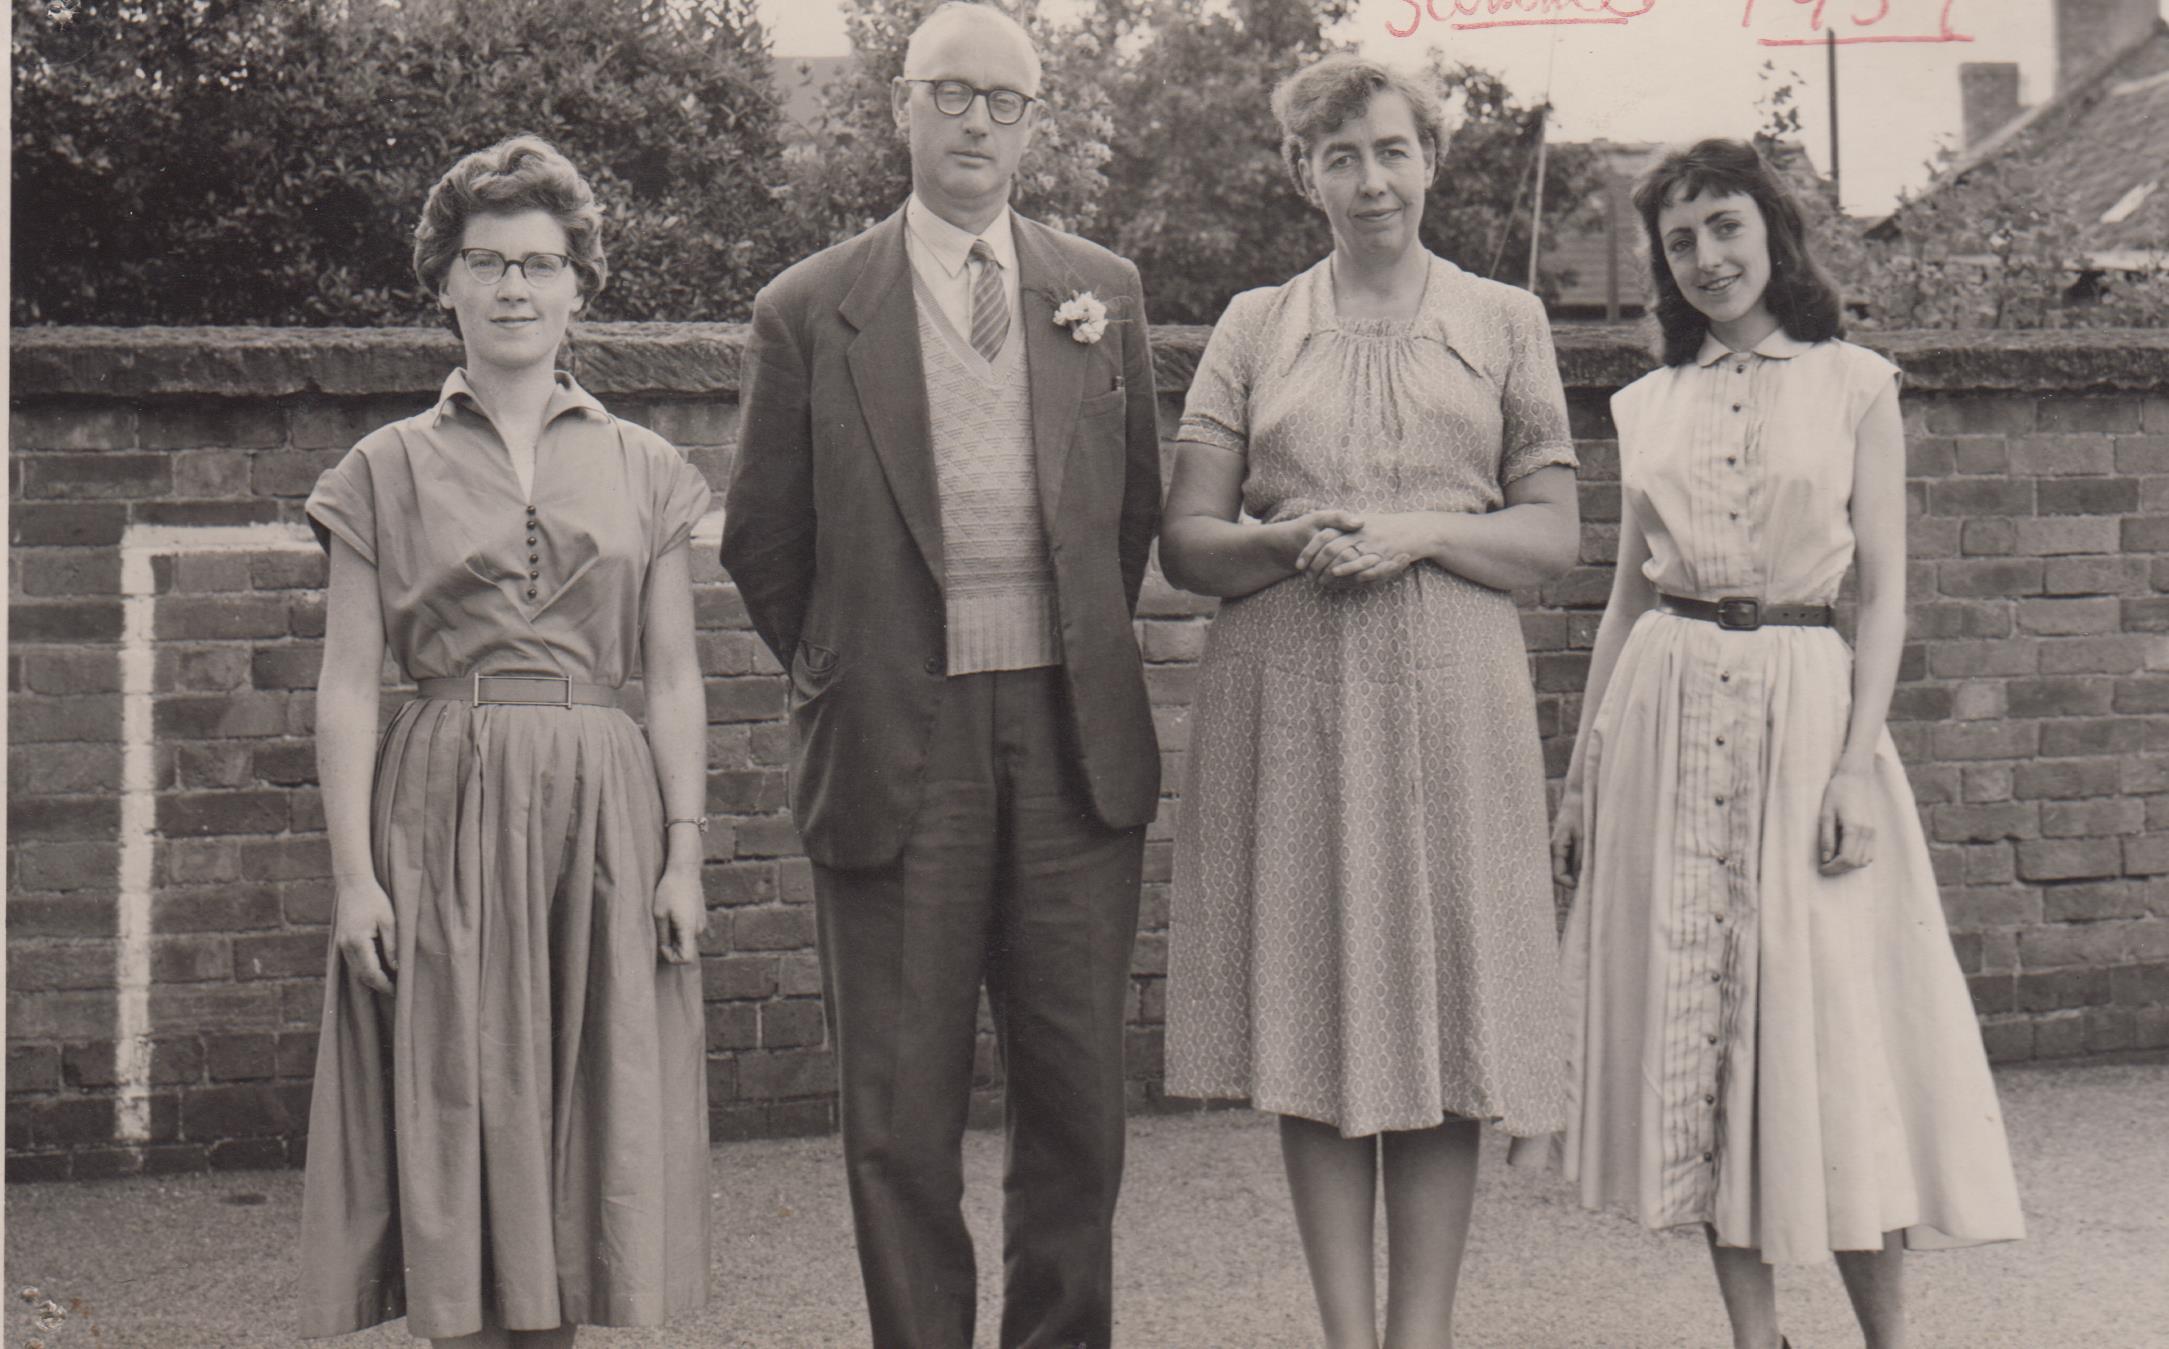 school_teachers_summer_1957_001.jpg